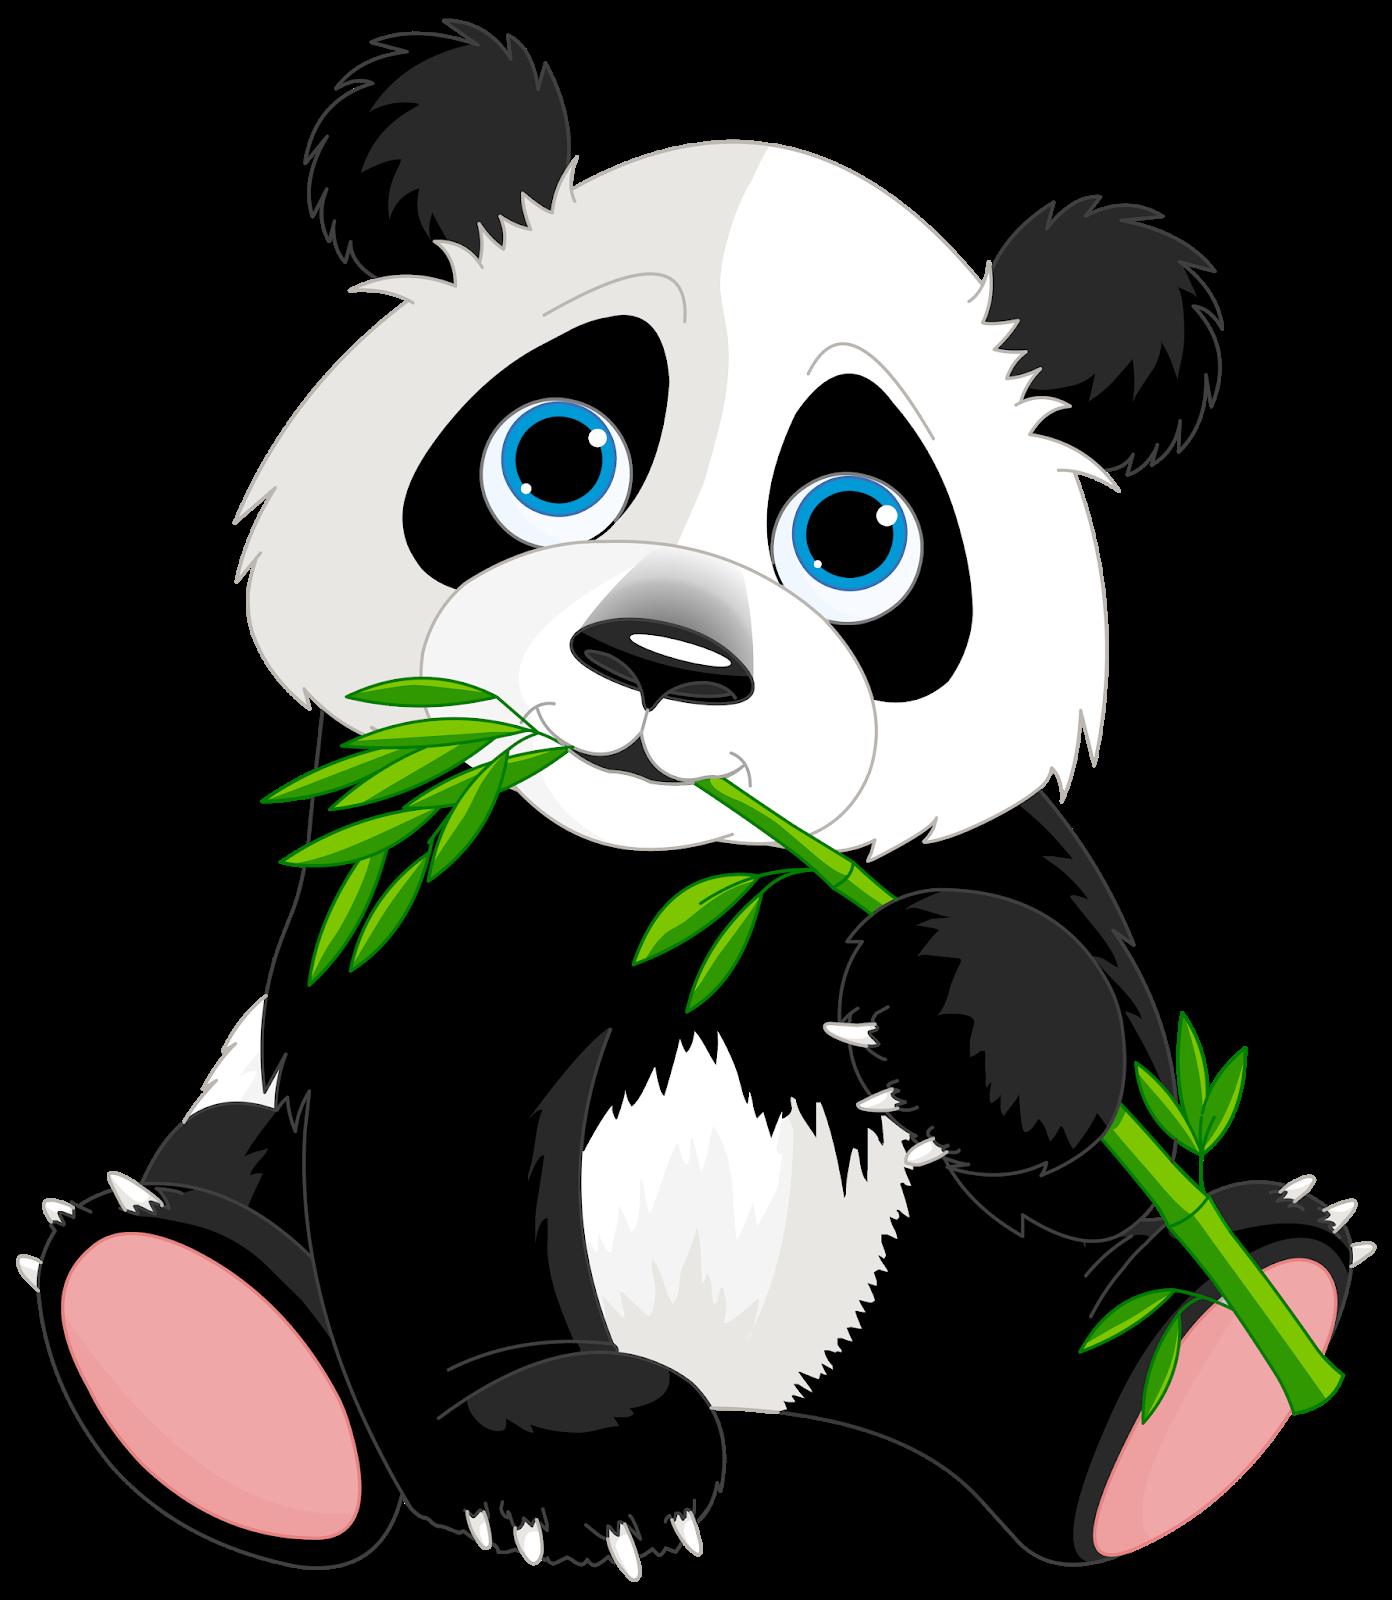 9900 Koleksi Gambar Hewan Panda Hitam Putih Hd Terbaru Gambar Hewan